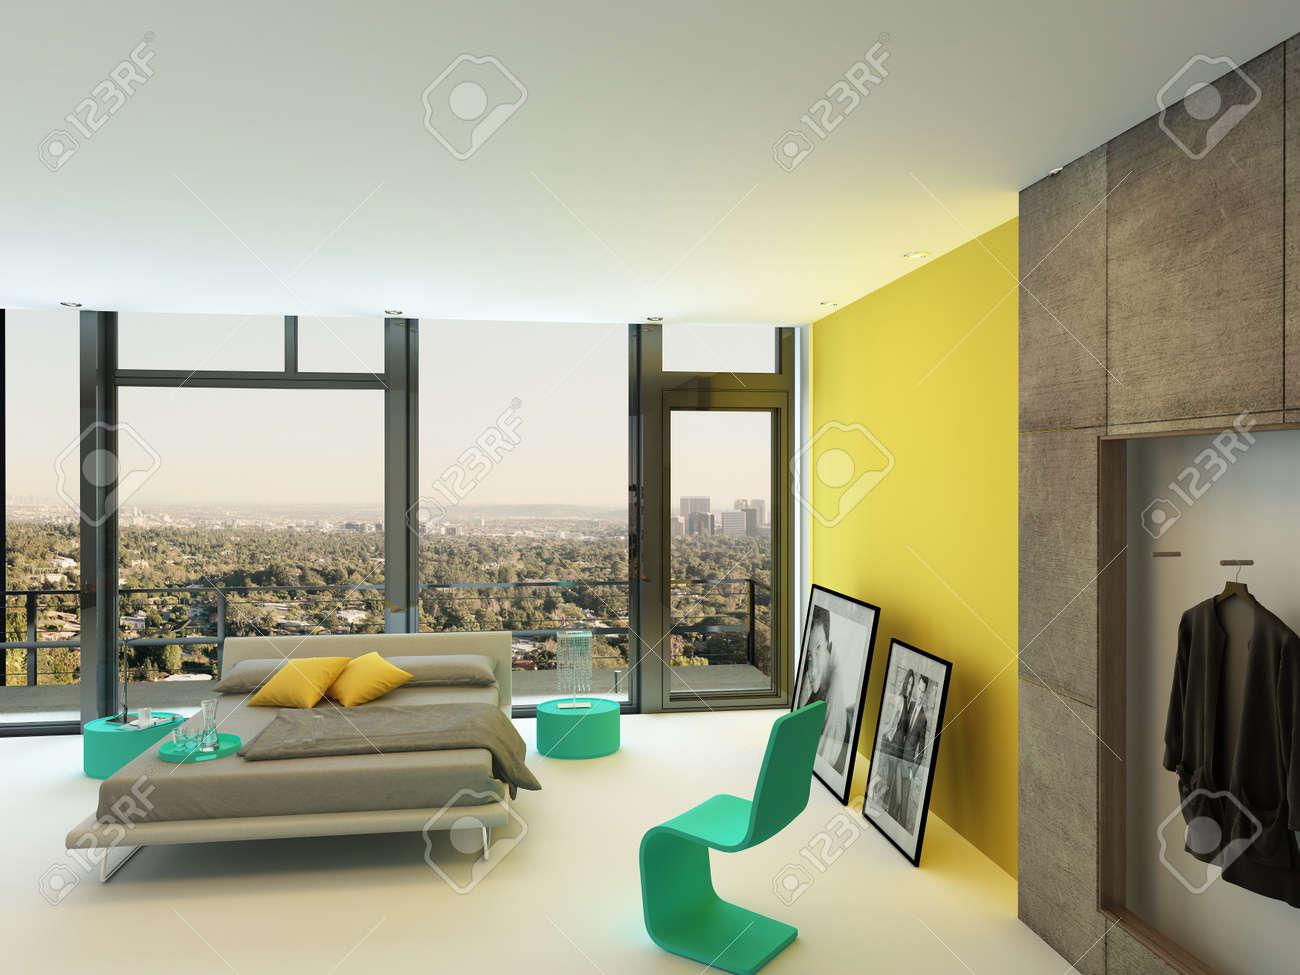 Geräumige schlafzimmer interieur mit bunten gelben wand akzente ...